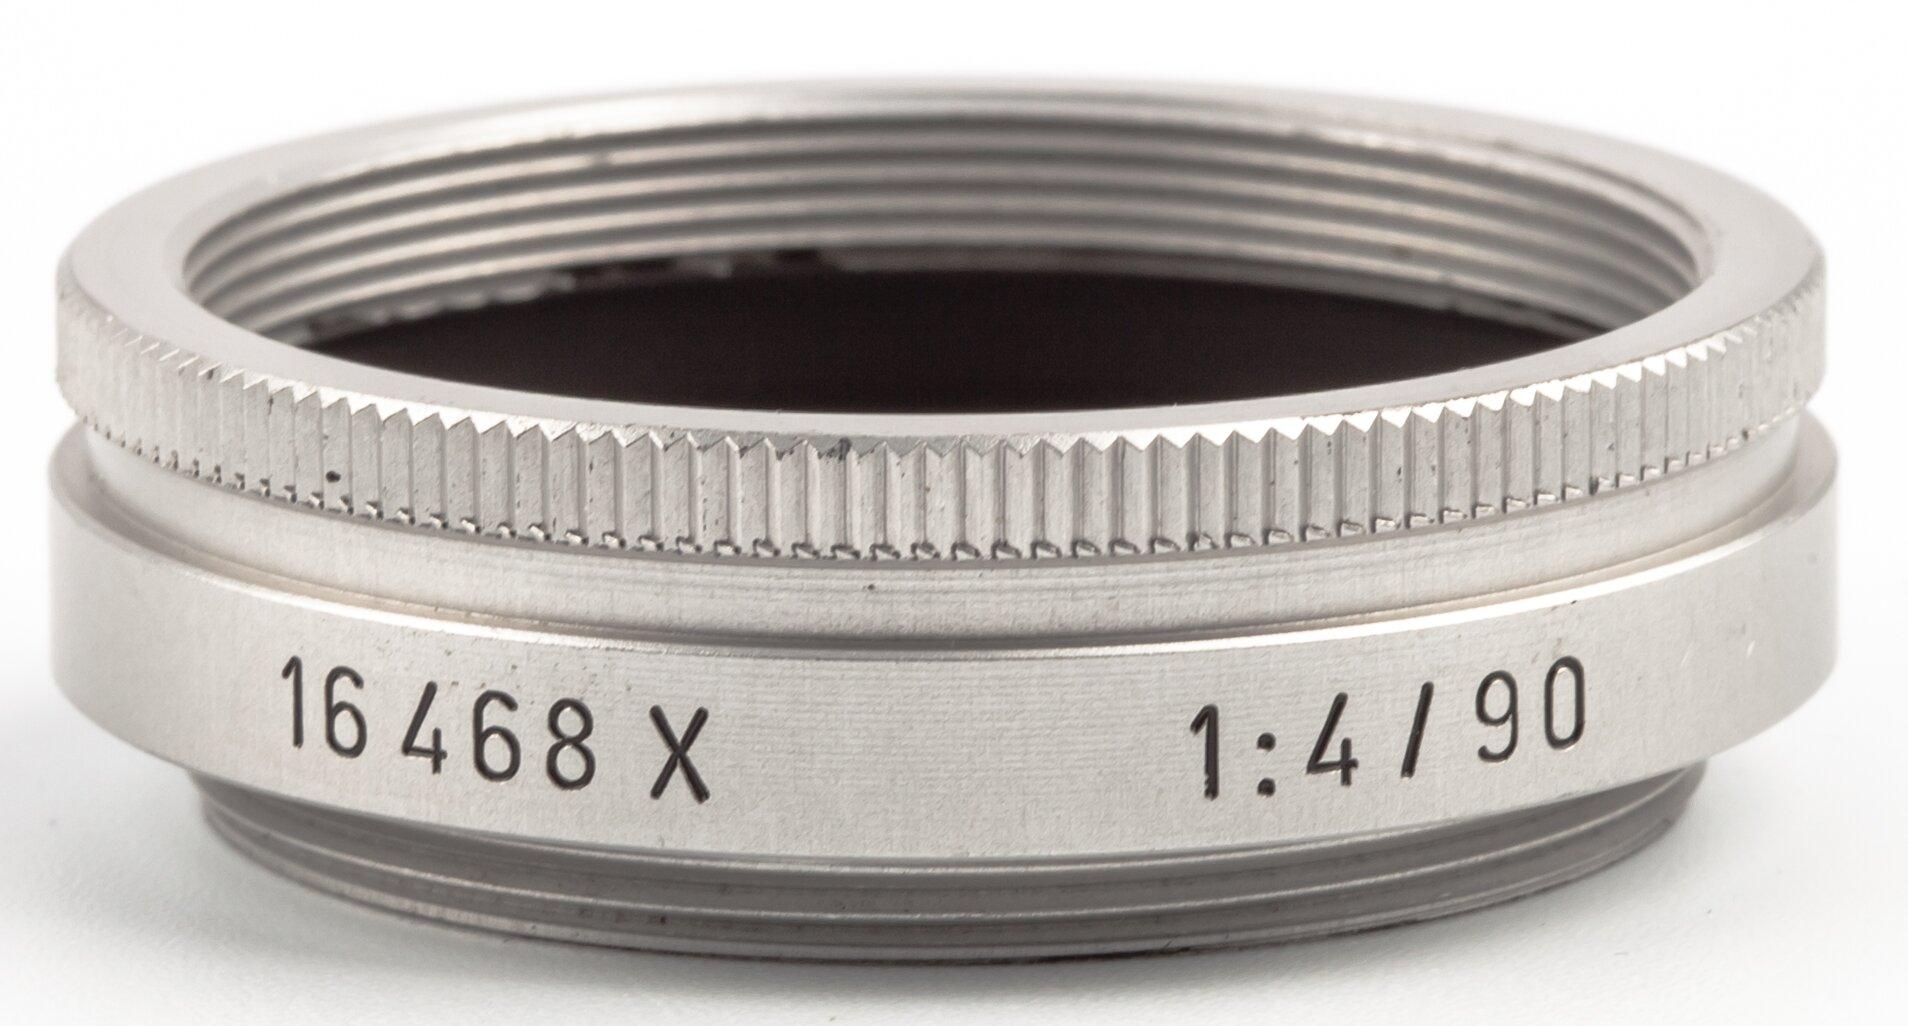 Leica Zwischenring 90mm OTQNO 16468